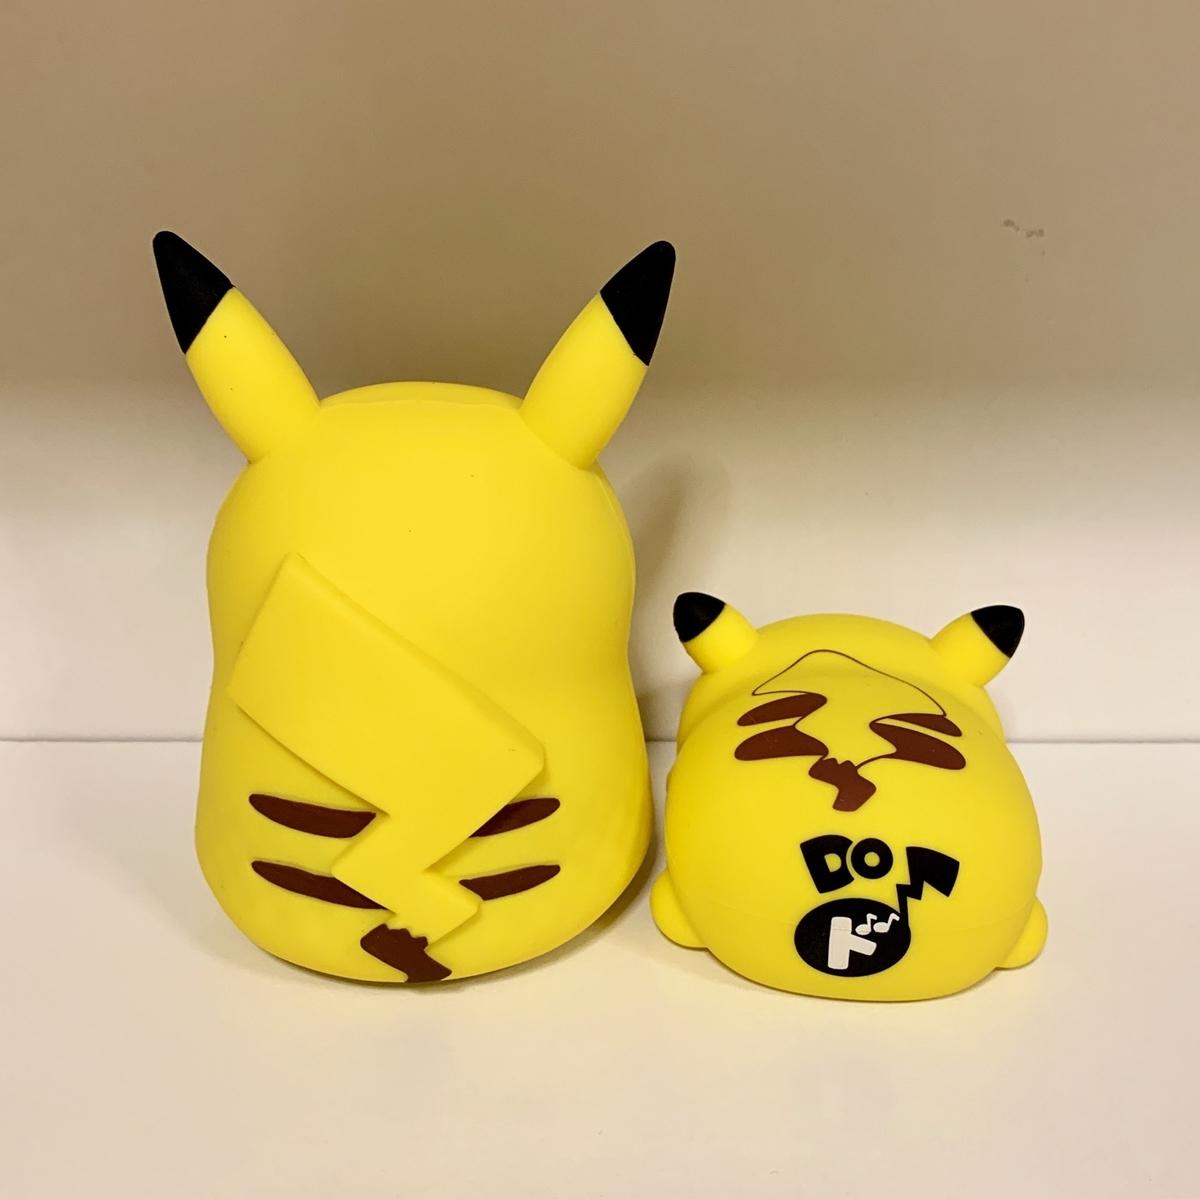 f:id:pikachu_pcn:20200206205457j:plain